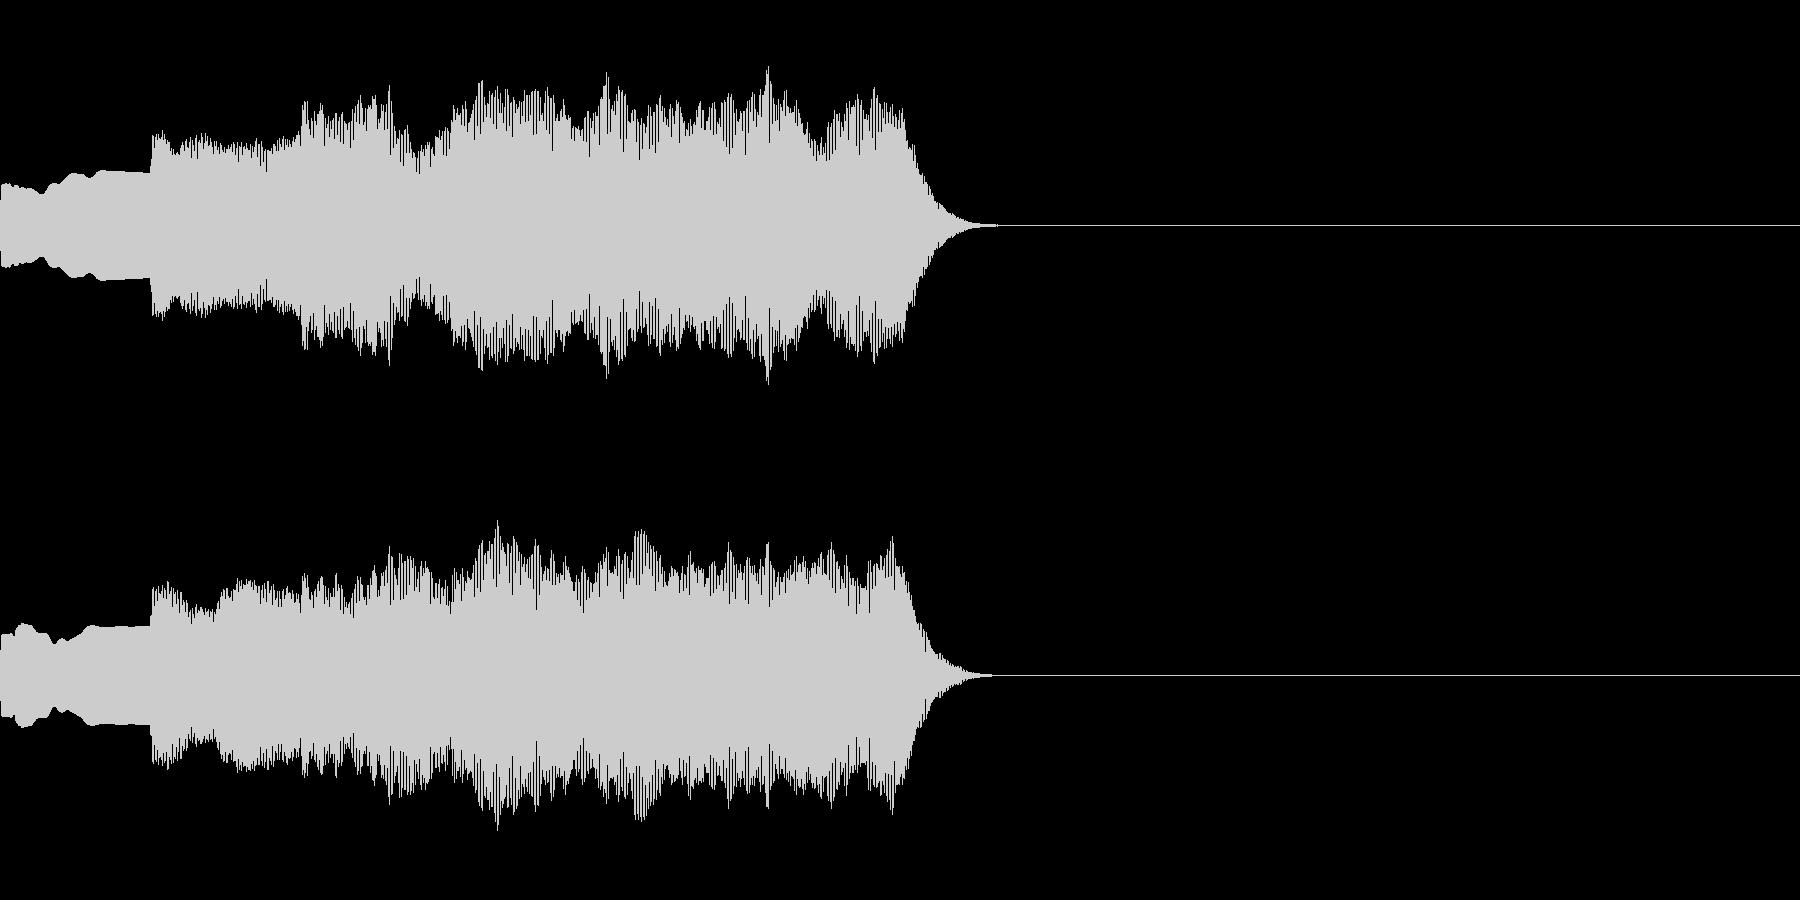 ピンポンパンポン(店内アナウンス前の音)の未再生の波形